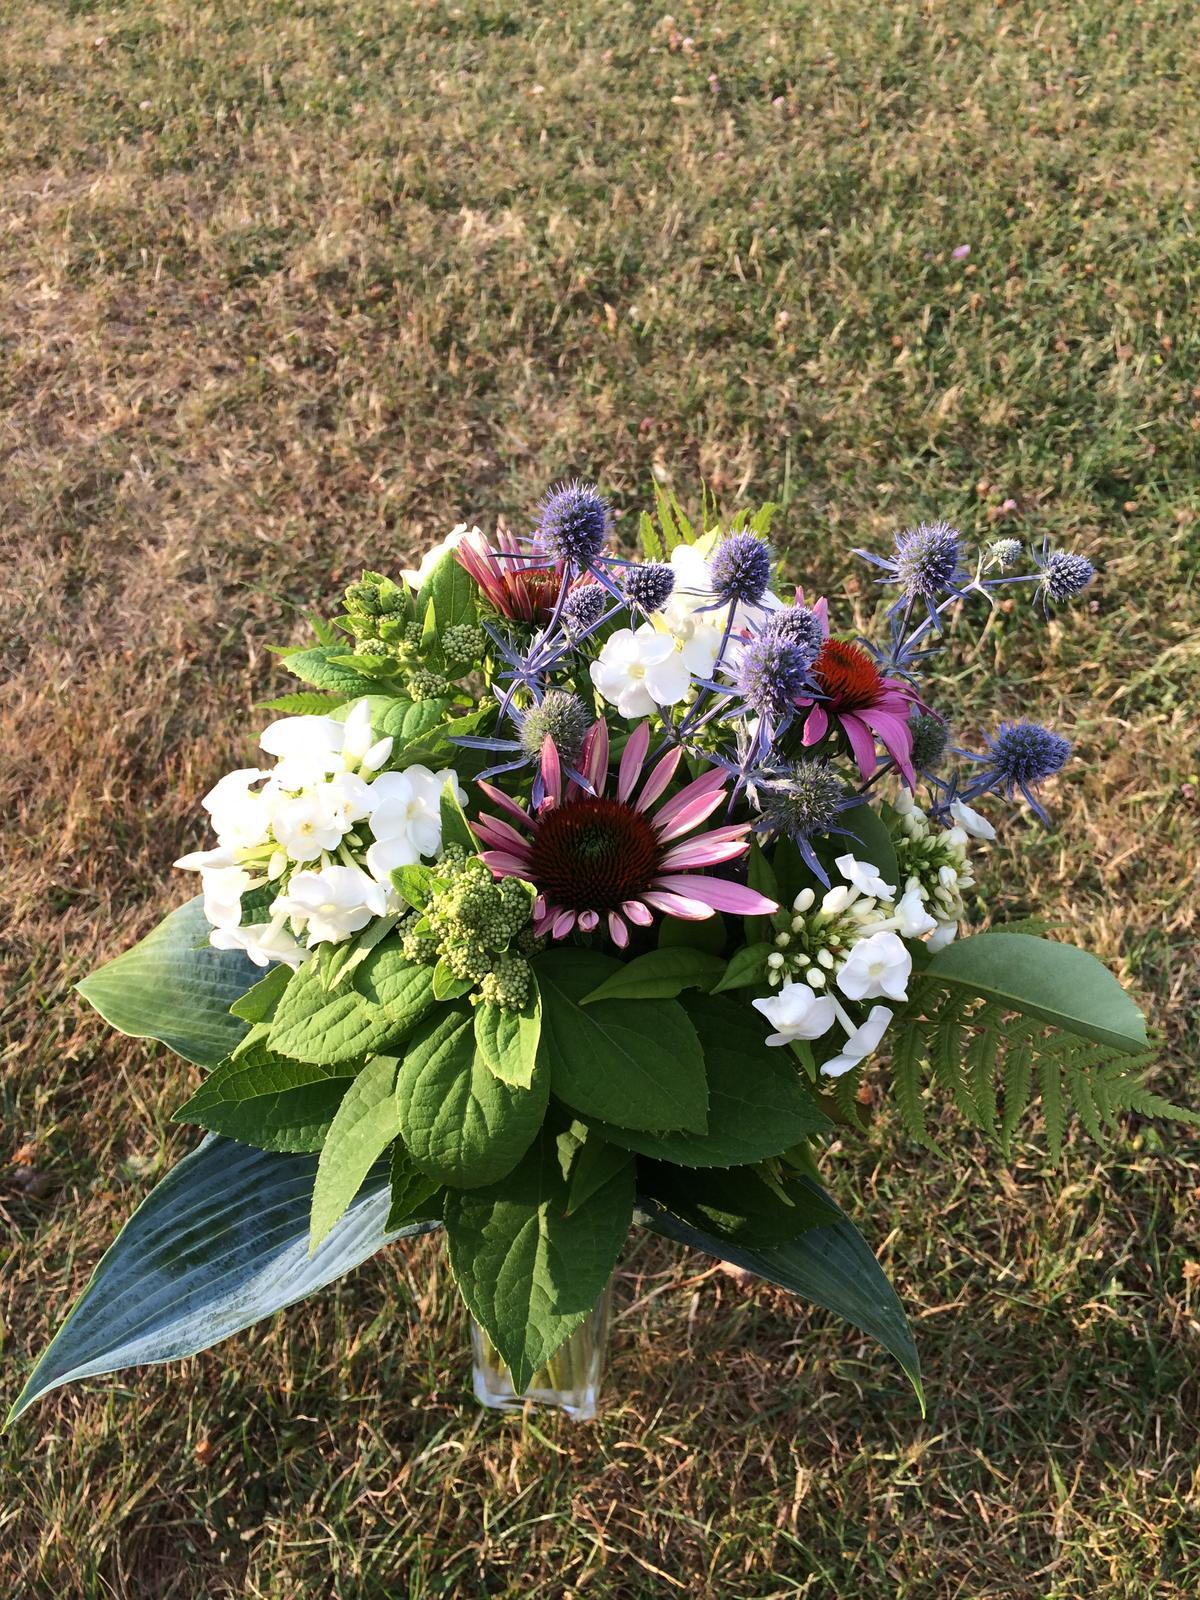 Dekorace z květin Pro radost - Obrázek č. 146